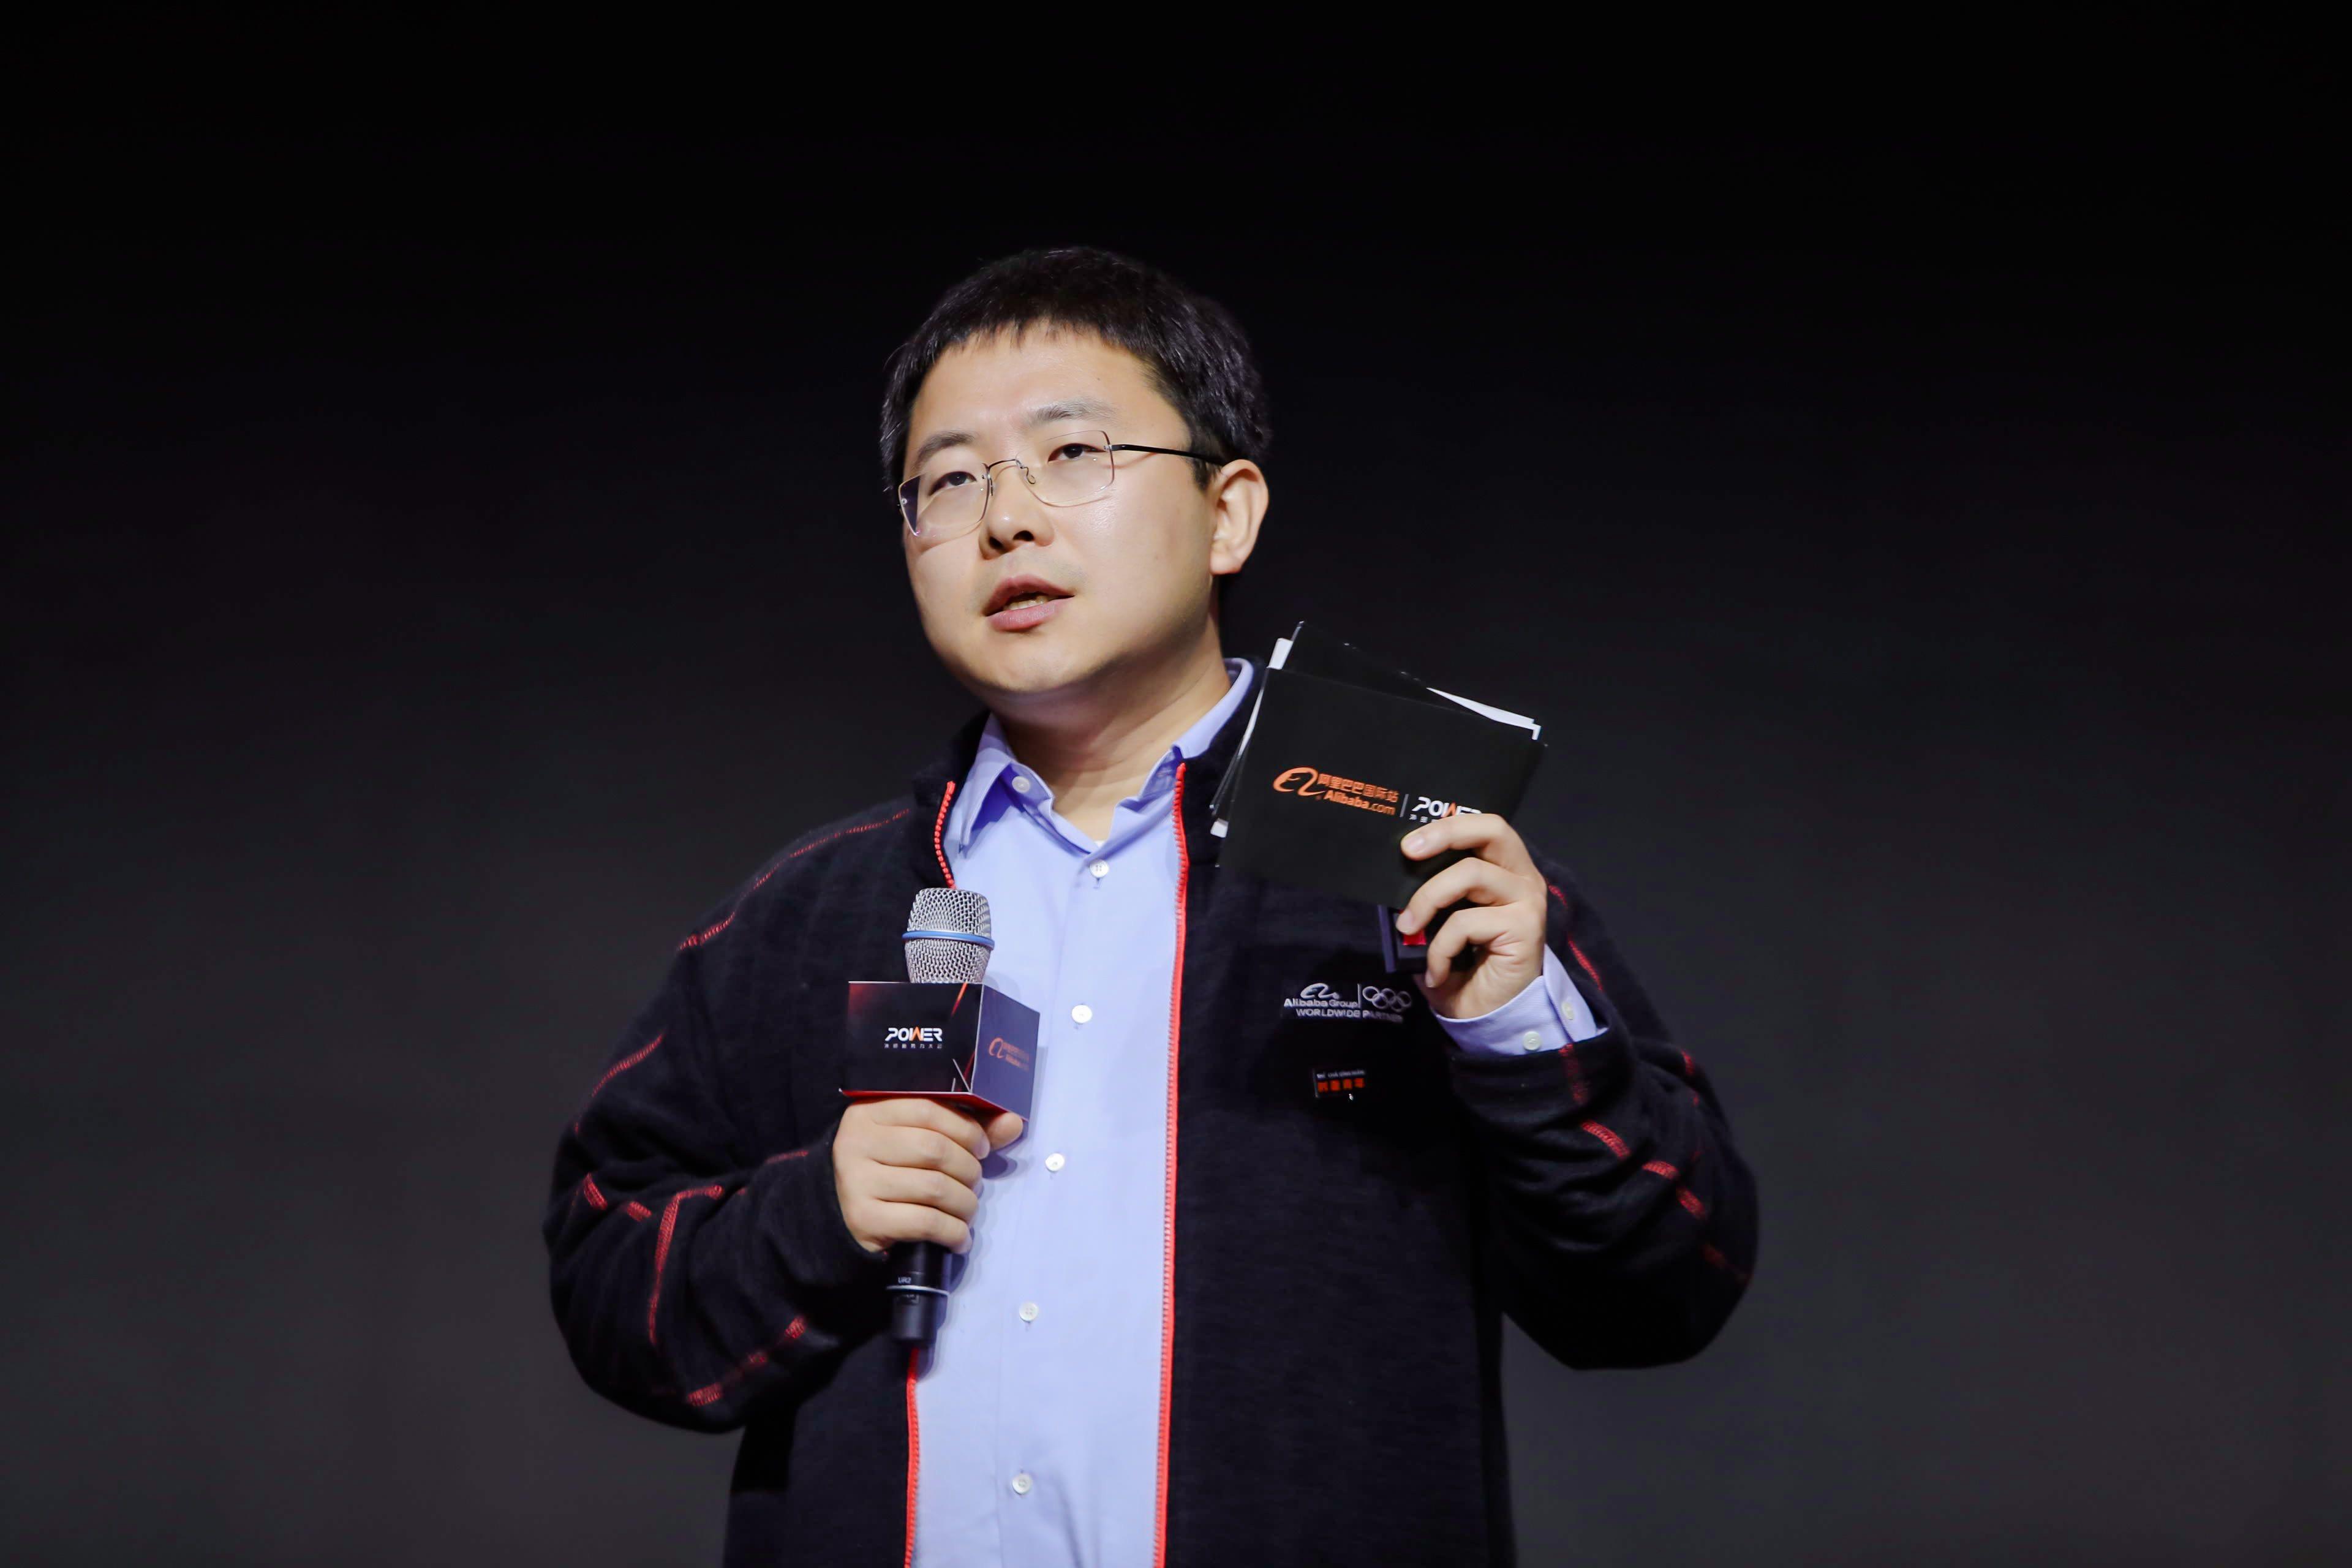 Alibaba.com ยกระดับระบบให้ดาวร้านค้า Star Rating เพื่อช่วยสร้างการเติบโตให้กับผู้ขายทั่วโลก